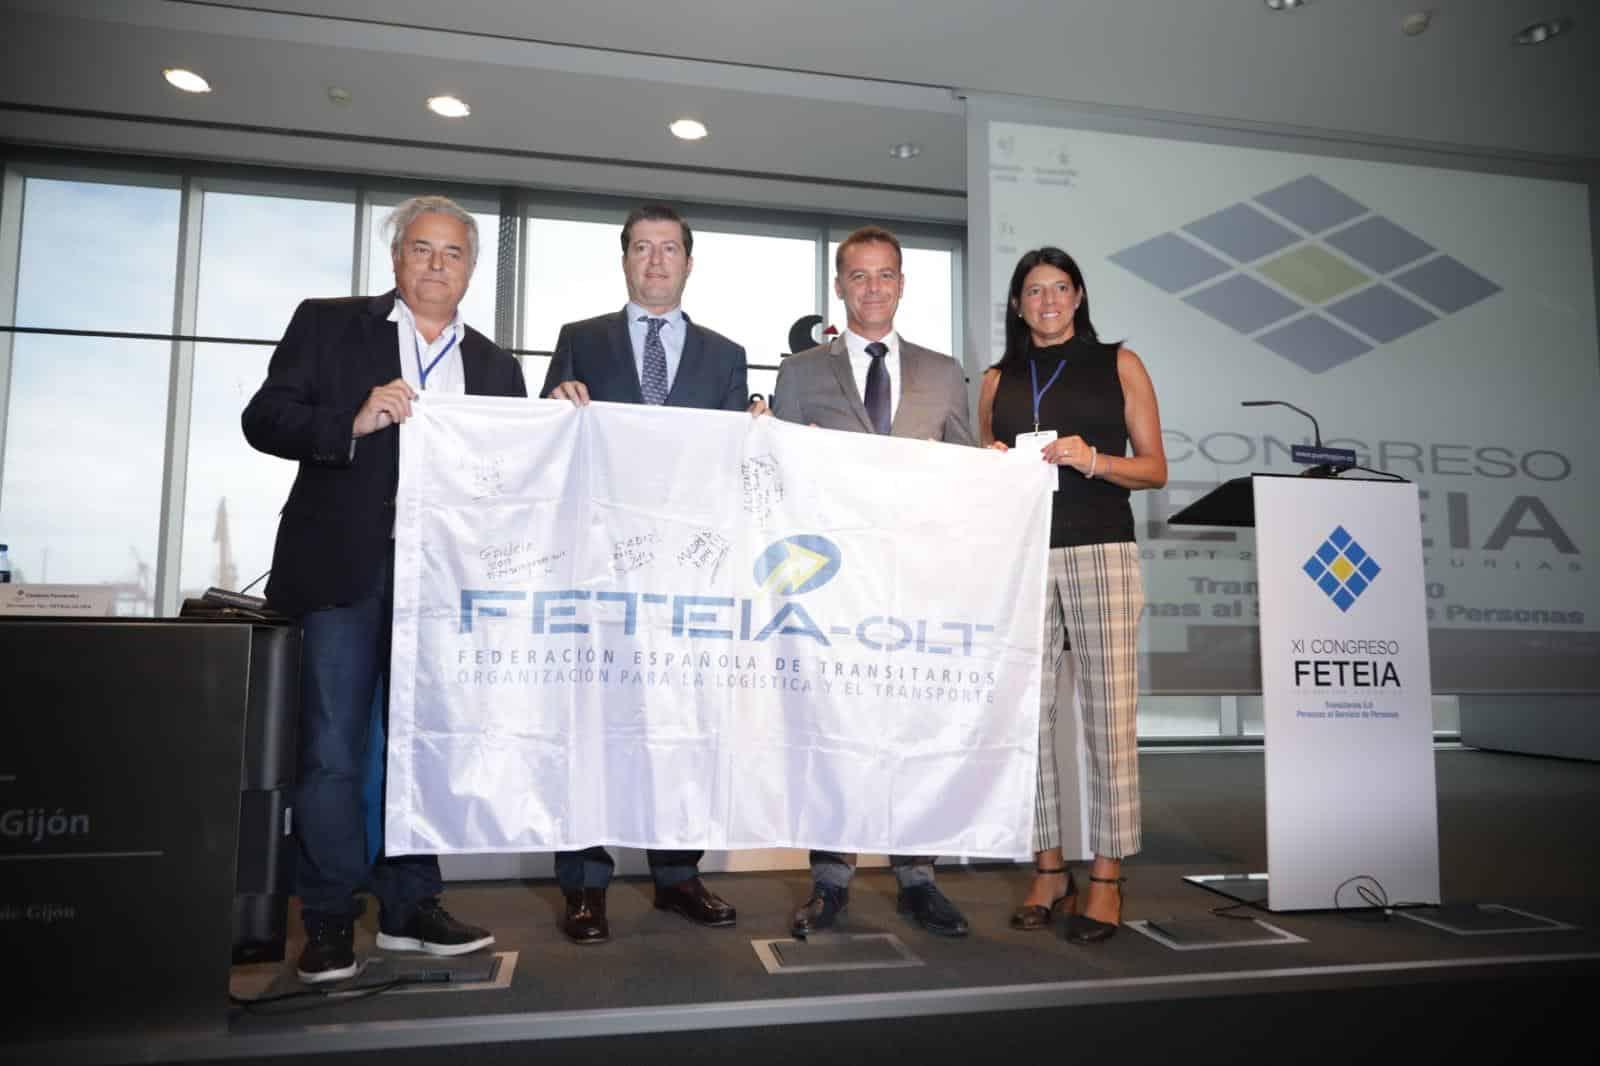 Cózar, ilusionado con la organización en Algeciras del próximo congreso de FETEIA